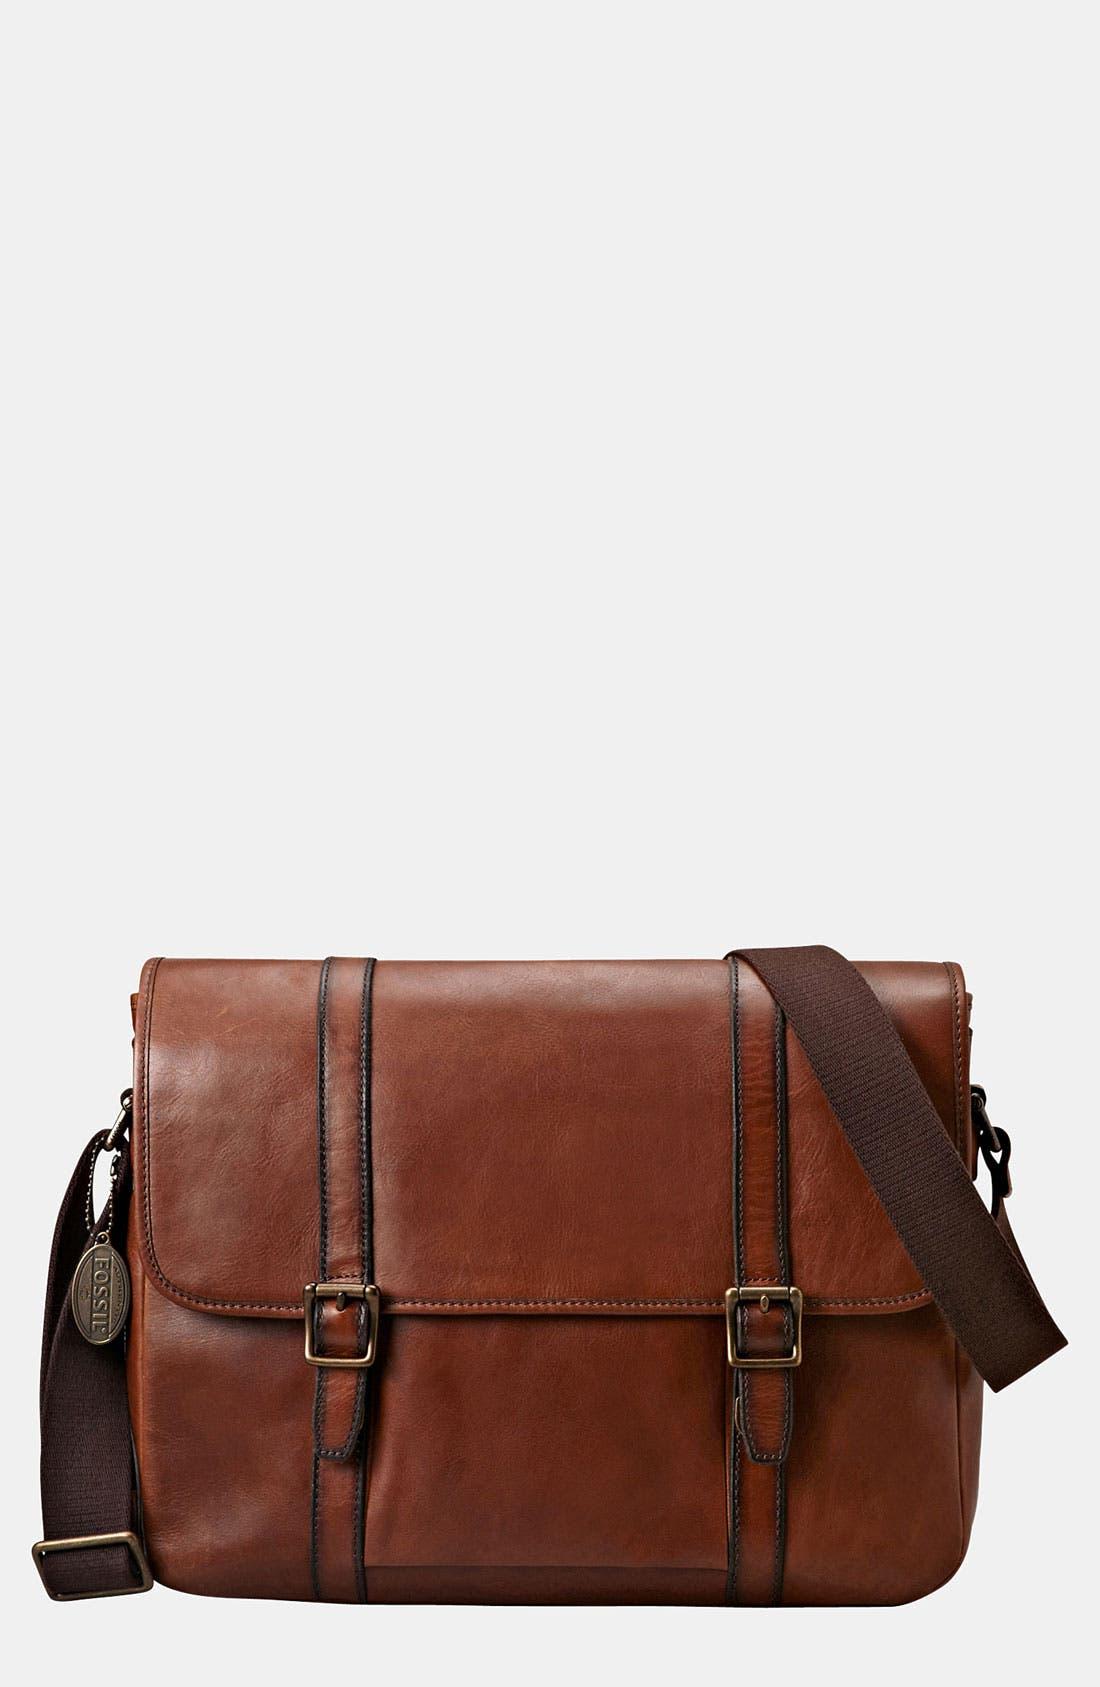 Alternate Image 1 Selected - Fossil 'Estate' Leather Messenger Bag